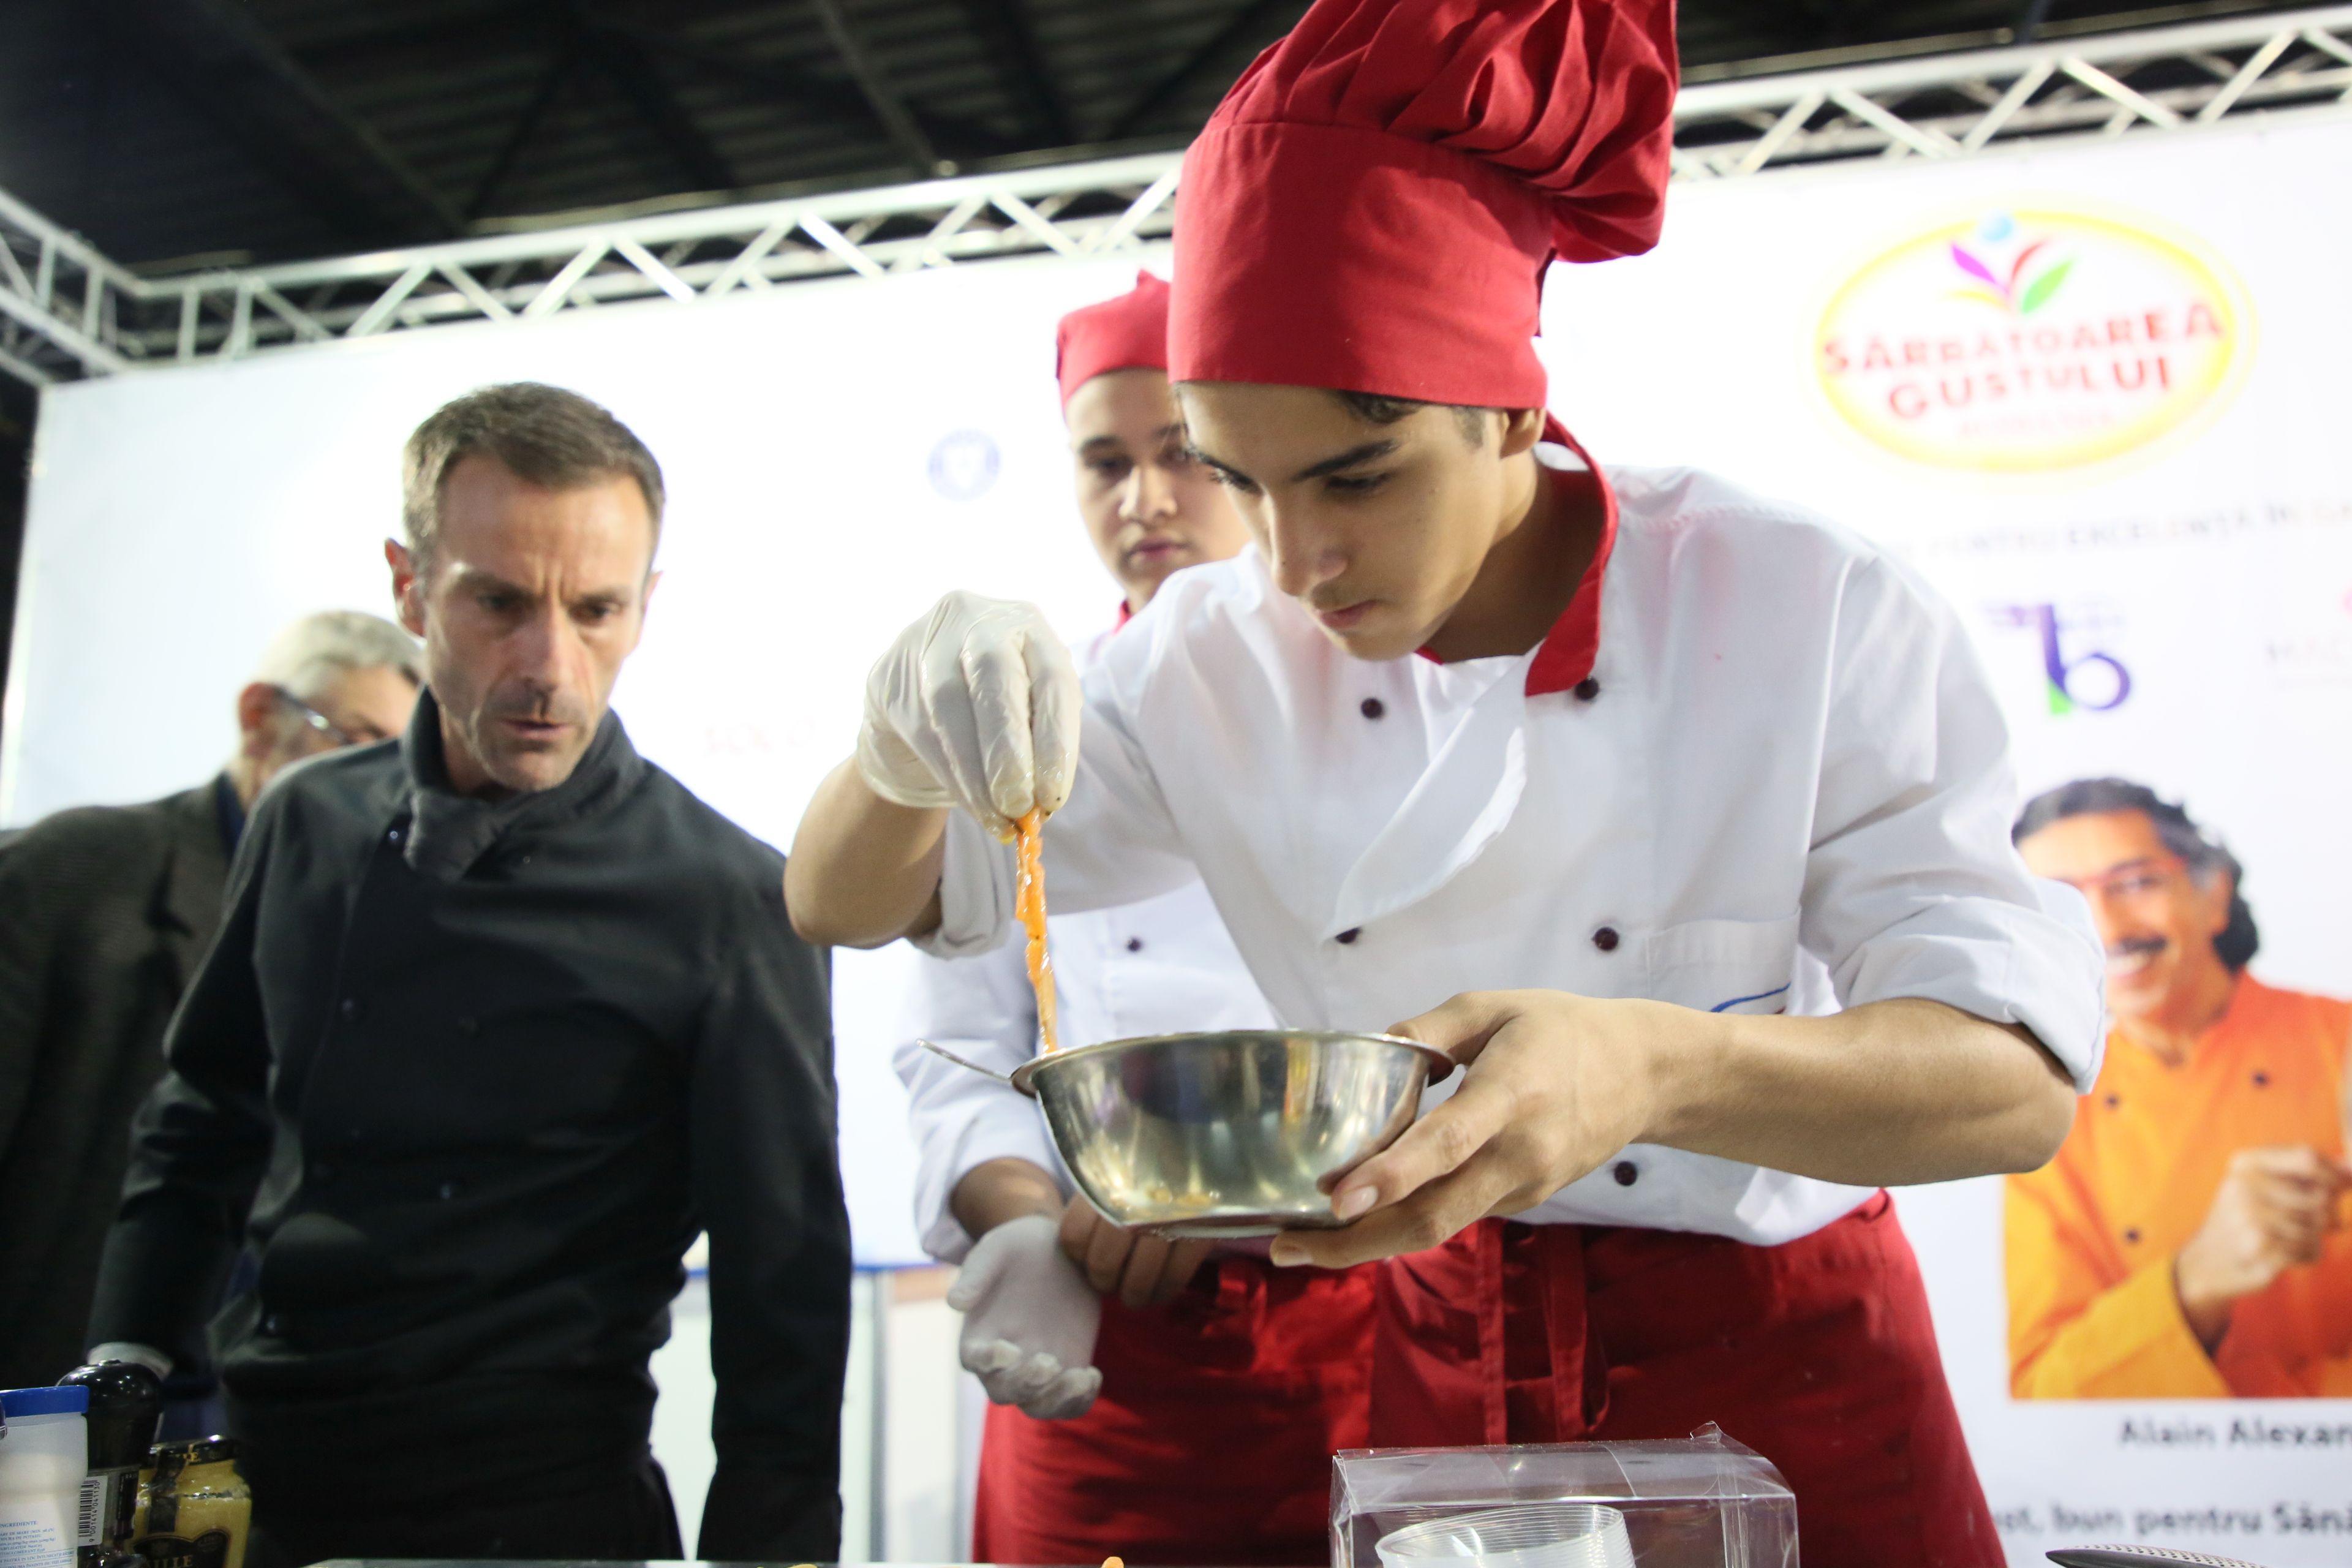 Sarbatoarea_Gustului_2017_Chef_Philippe_Dupre_22